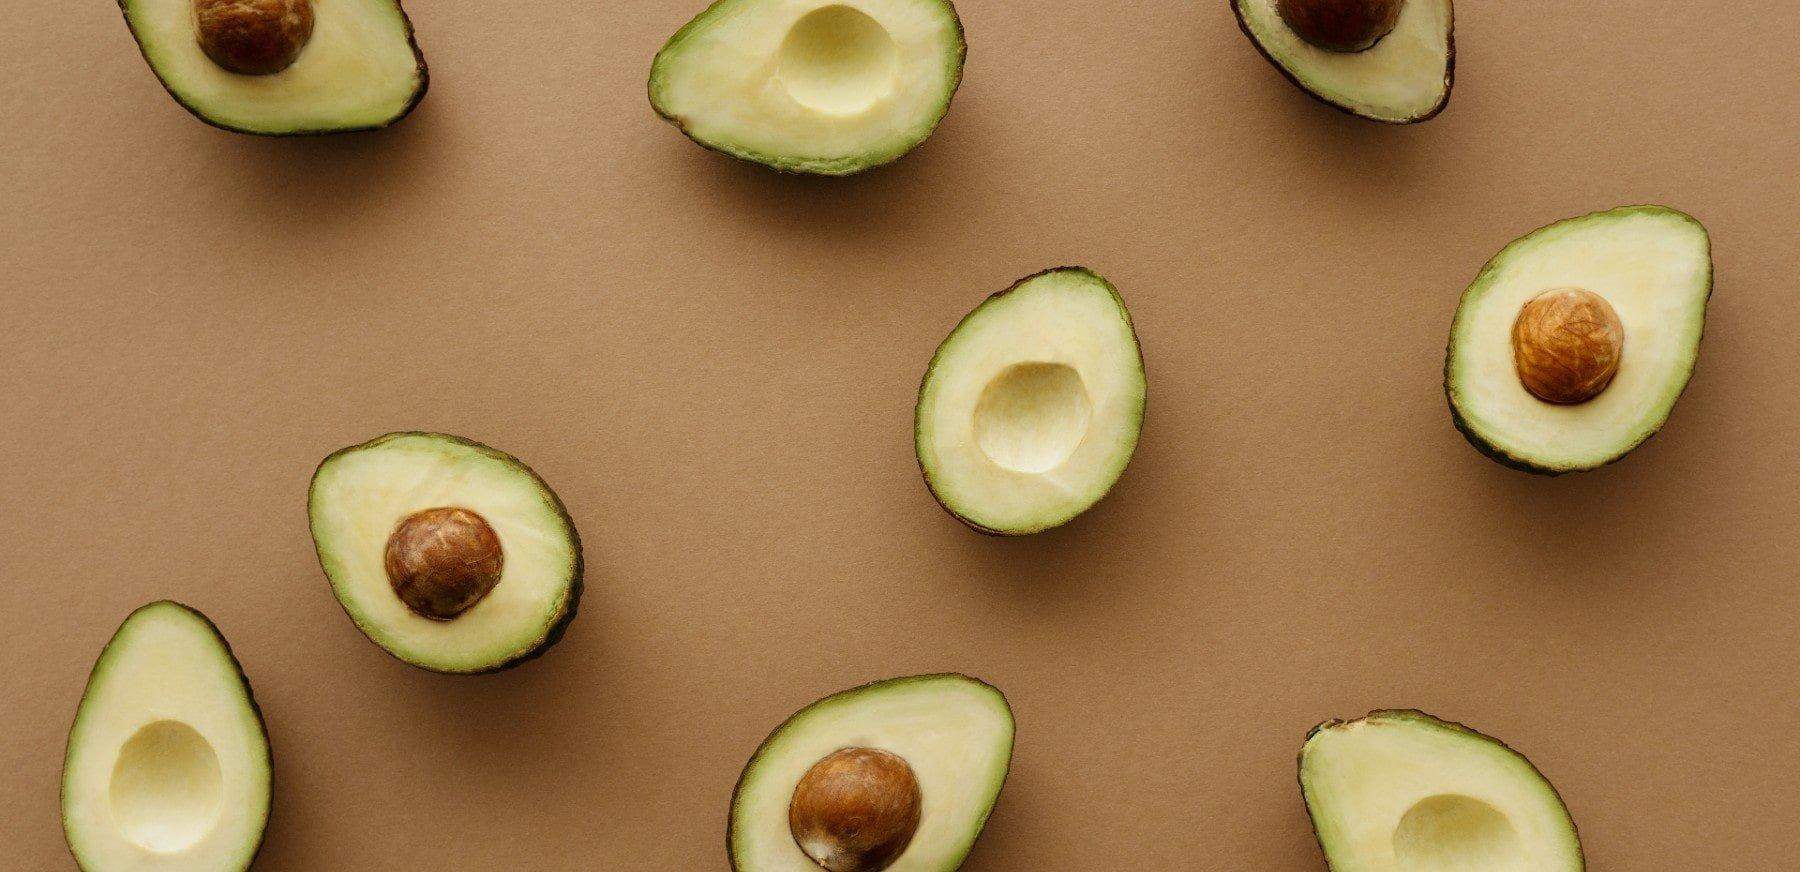 Avocados können die Fettverteilung in Frauen verändern - verrät Studie